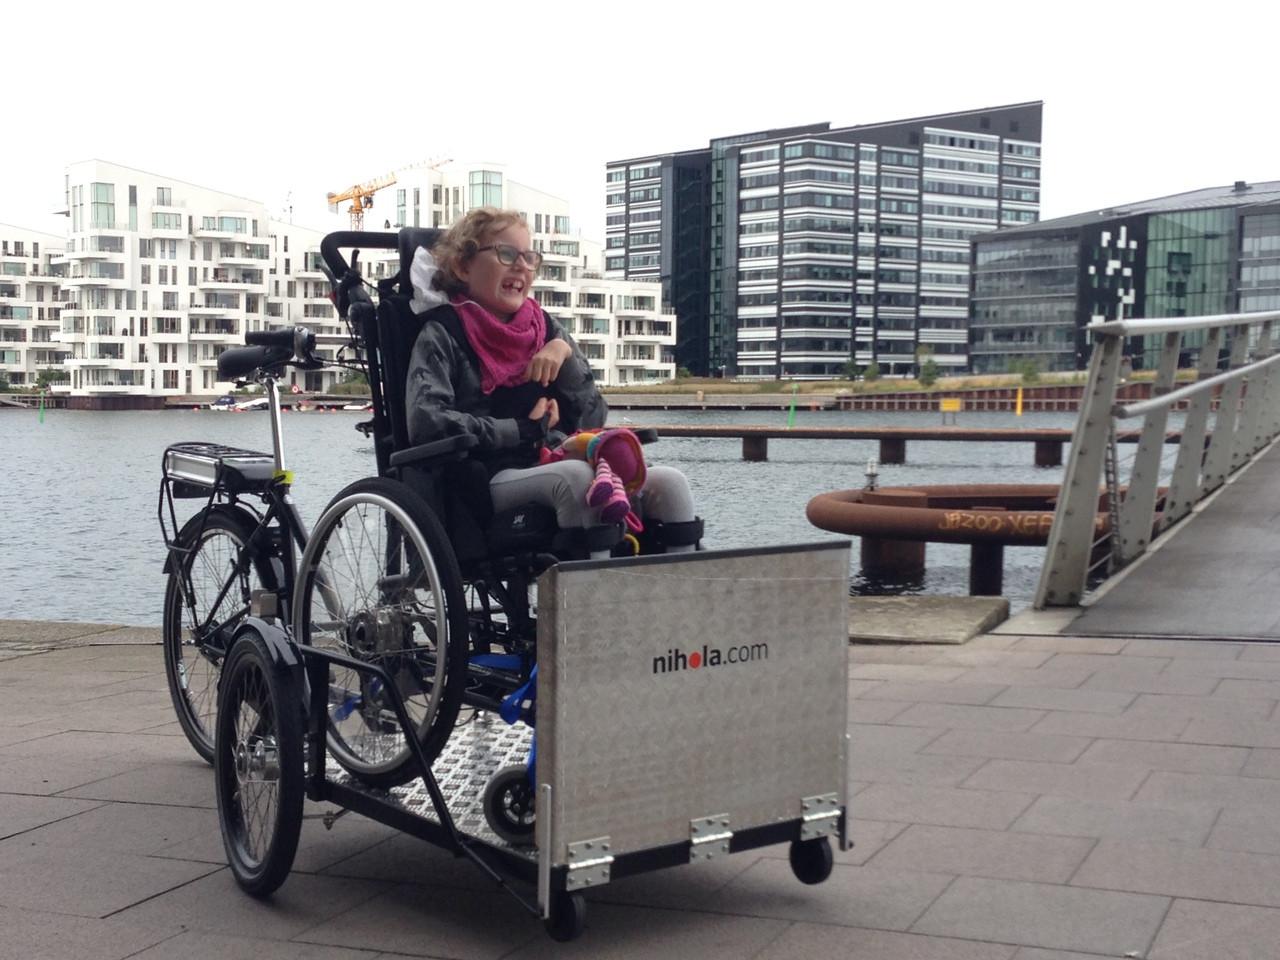 Nihola Flex Cargo Bike